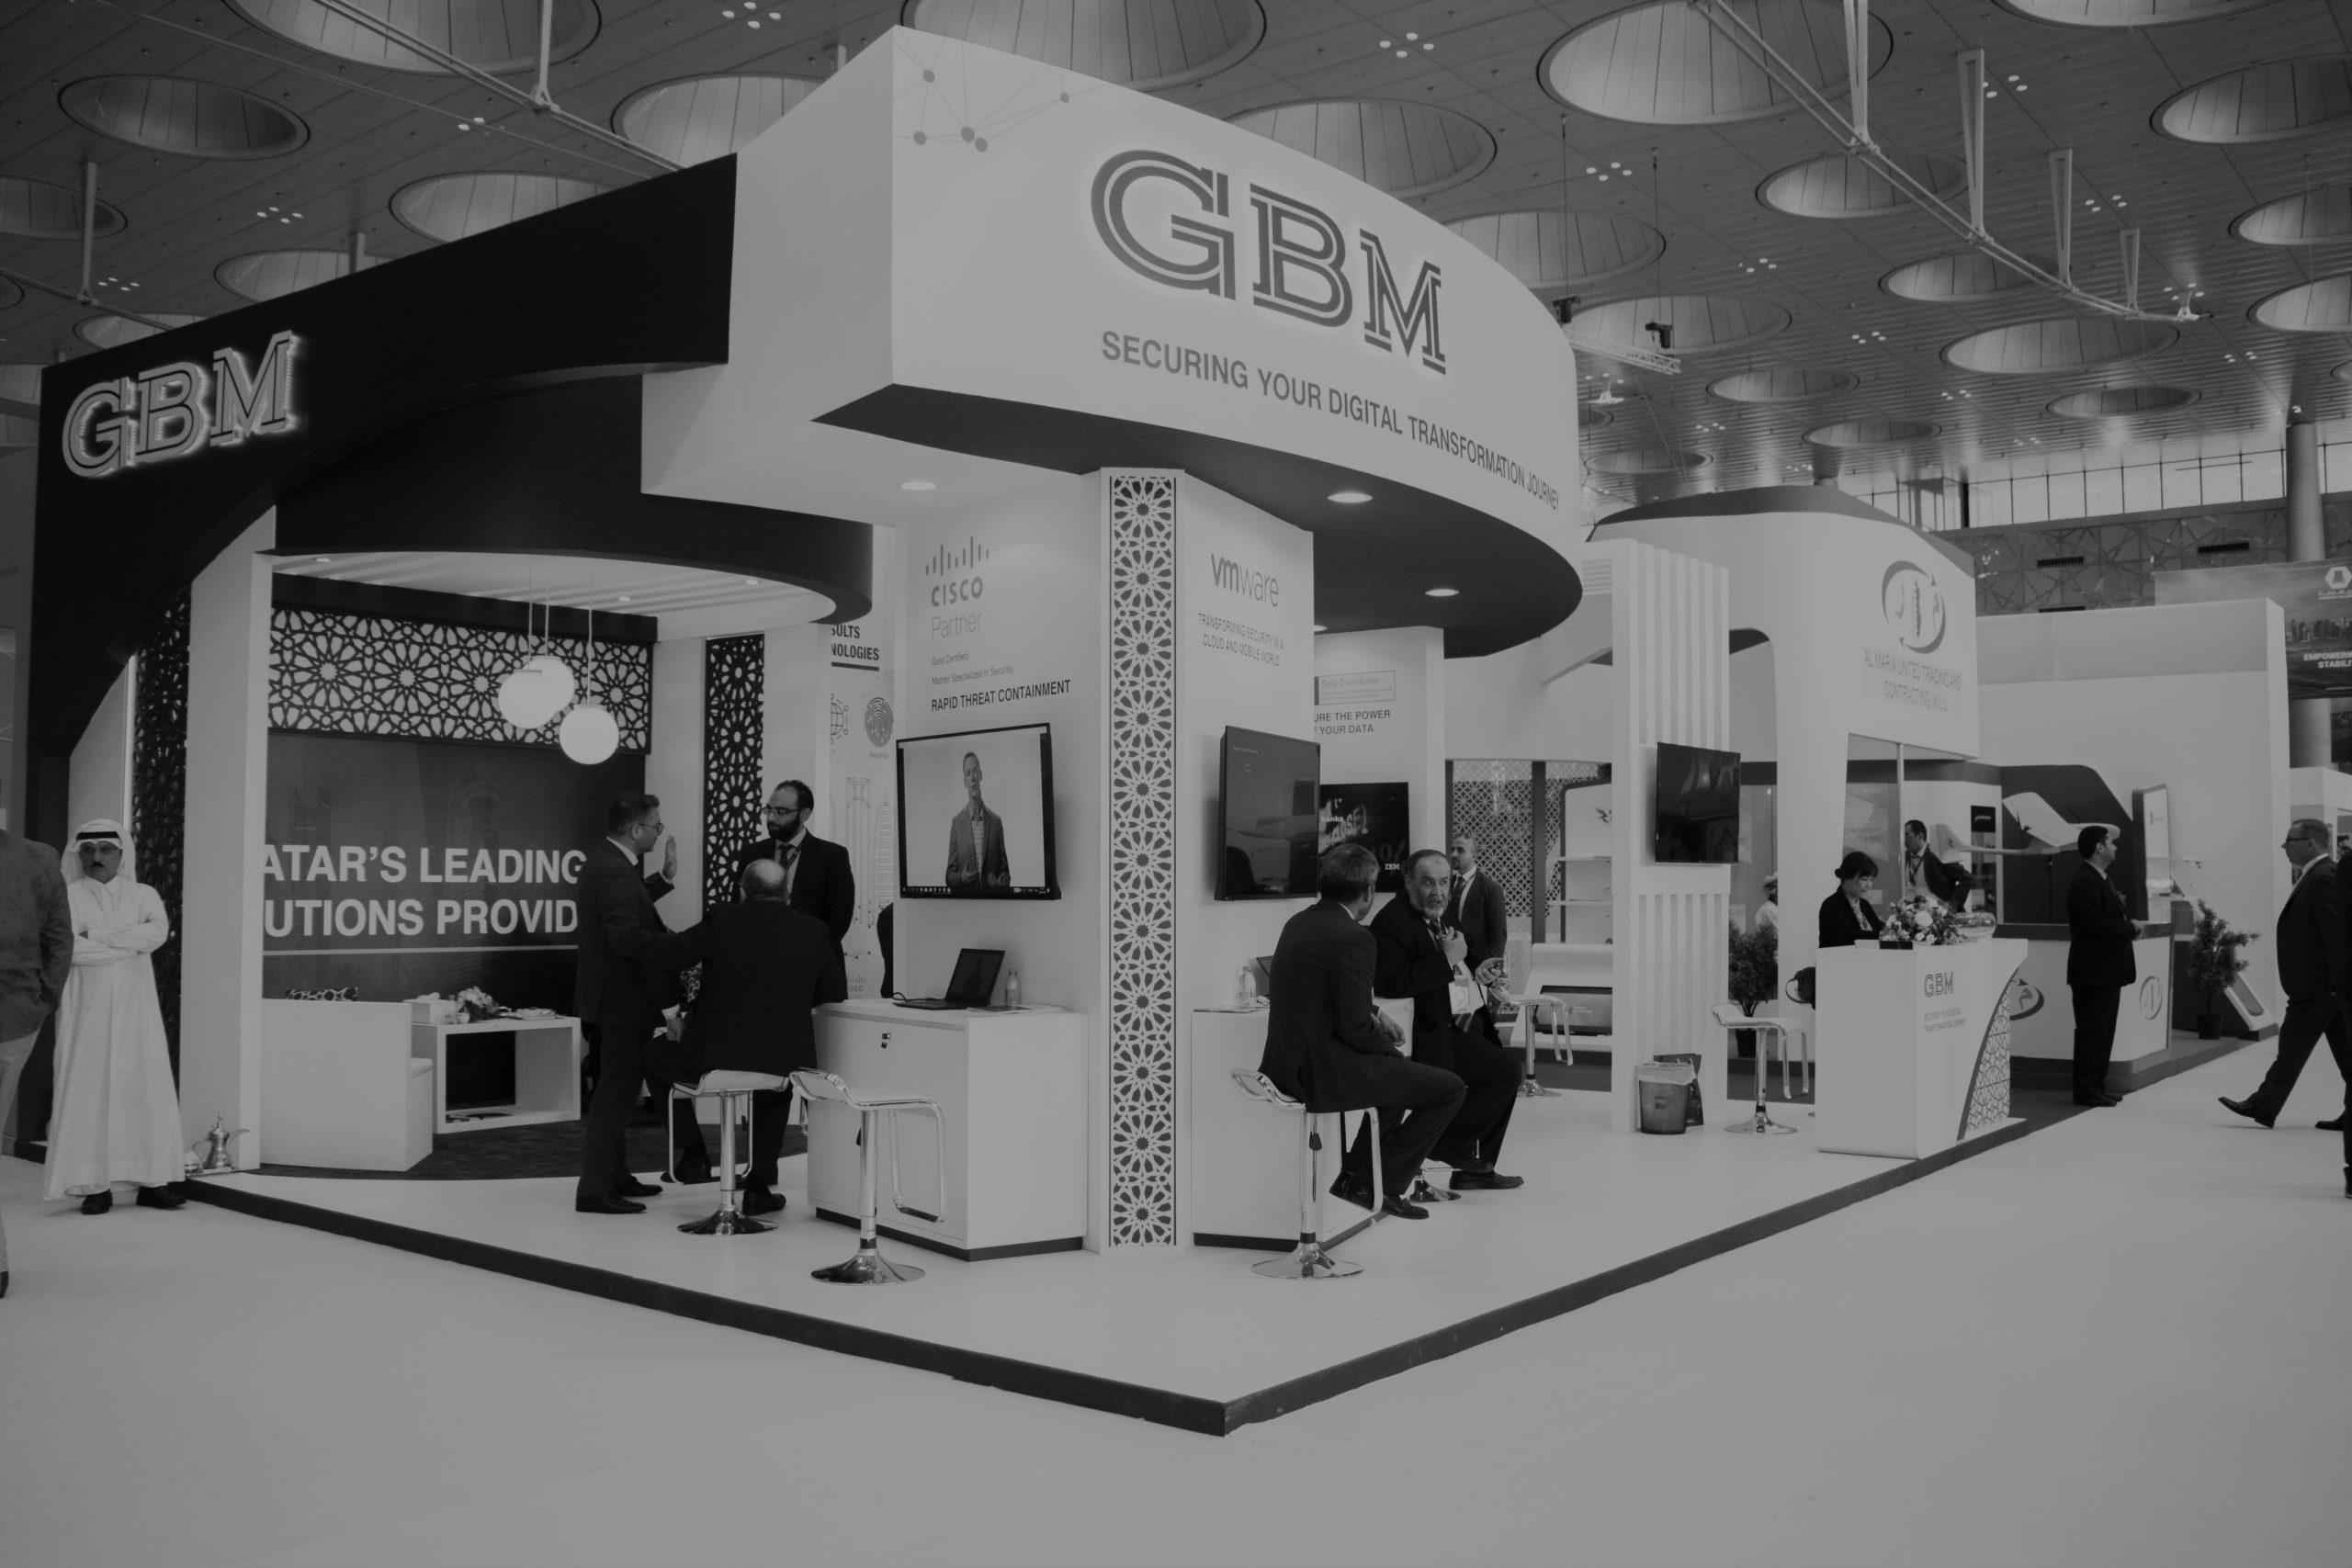 GBM Qatar